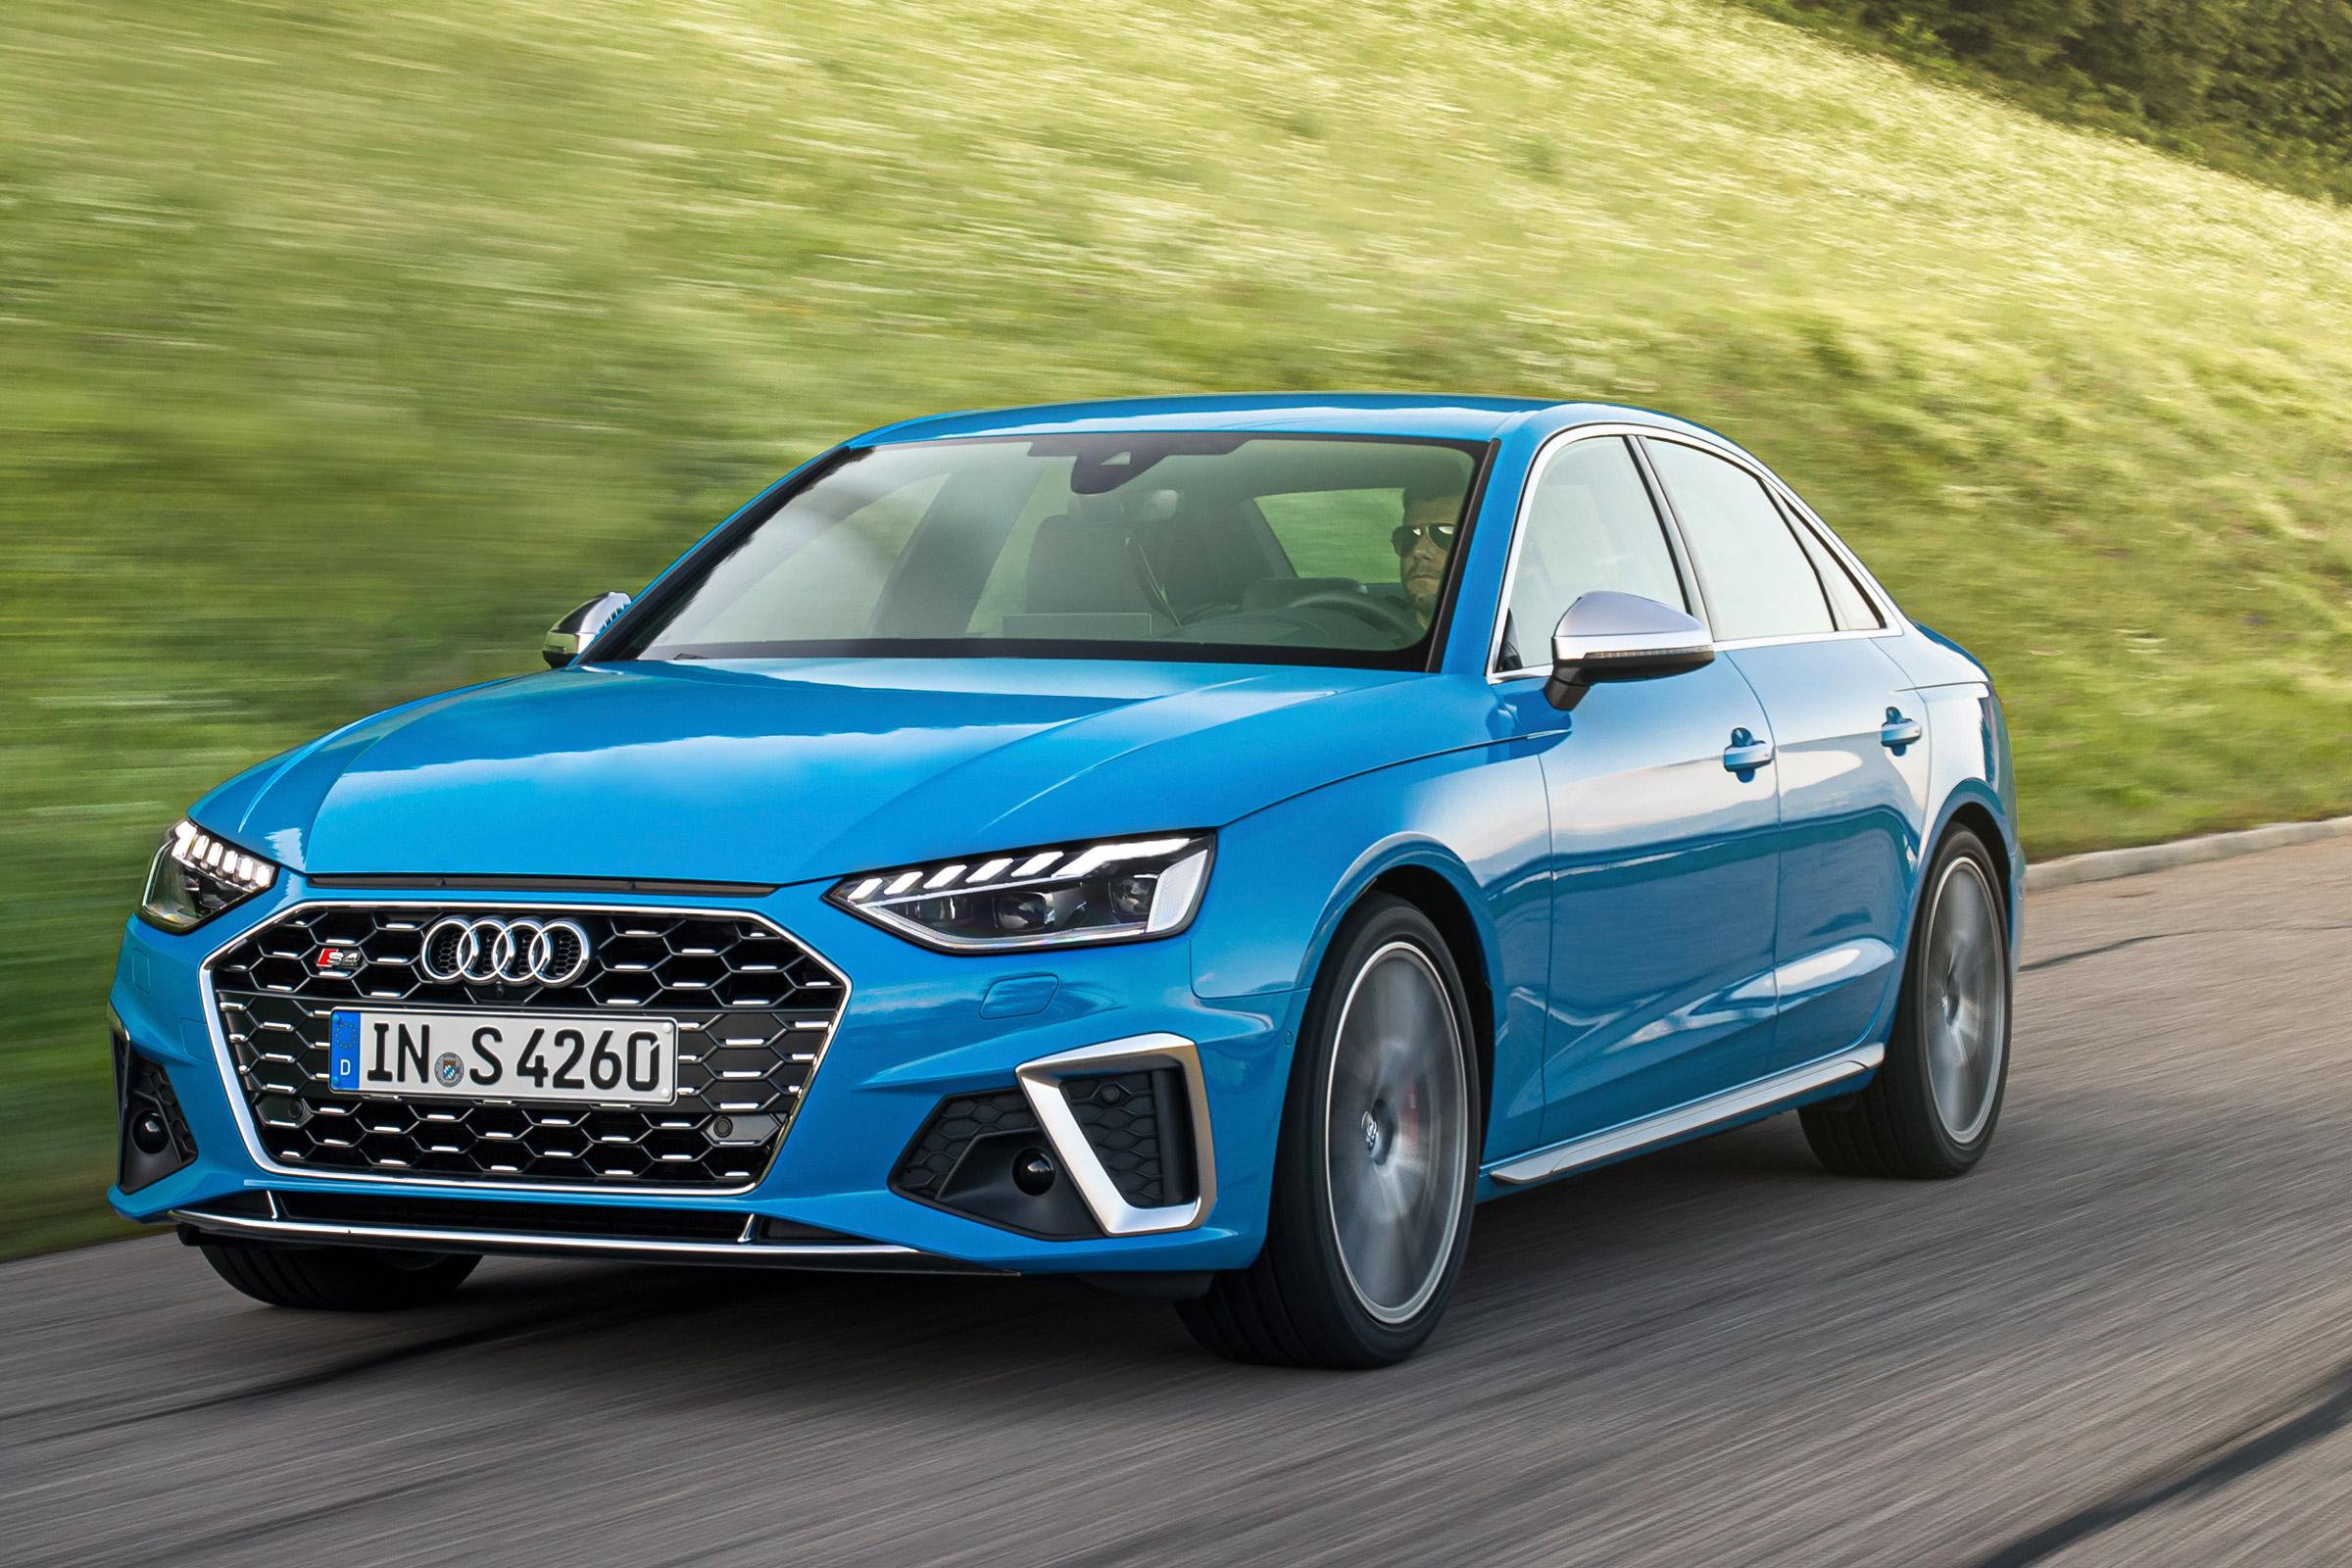 Kelebihan Kekurangan Audi S4 Diesel Perbandingan Harga